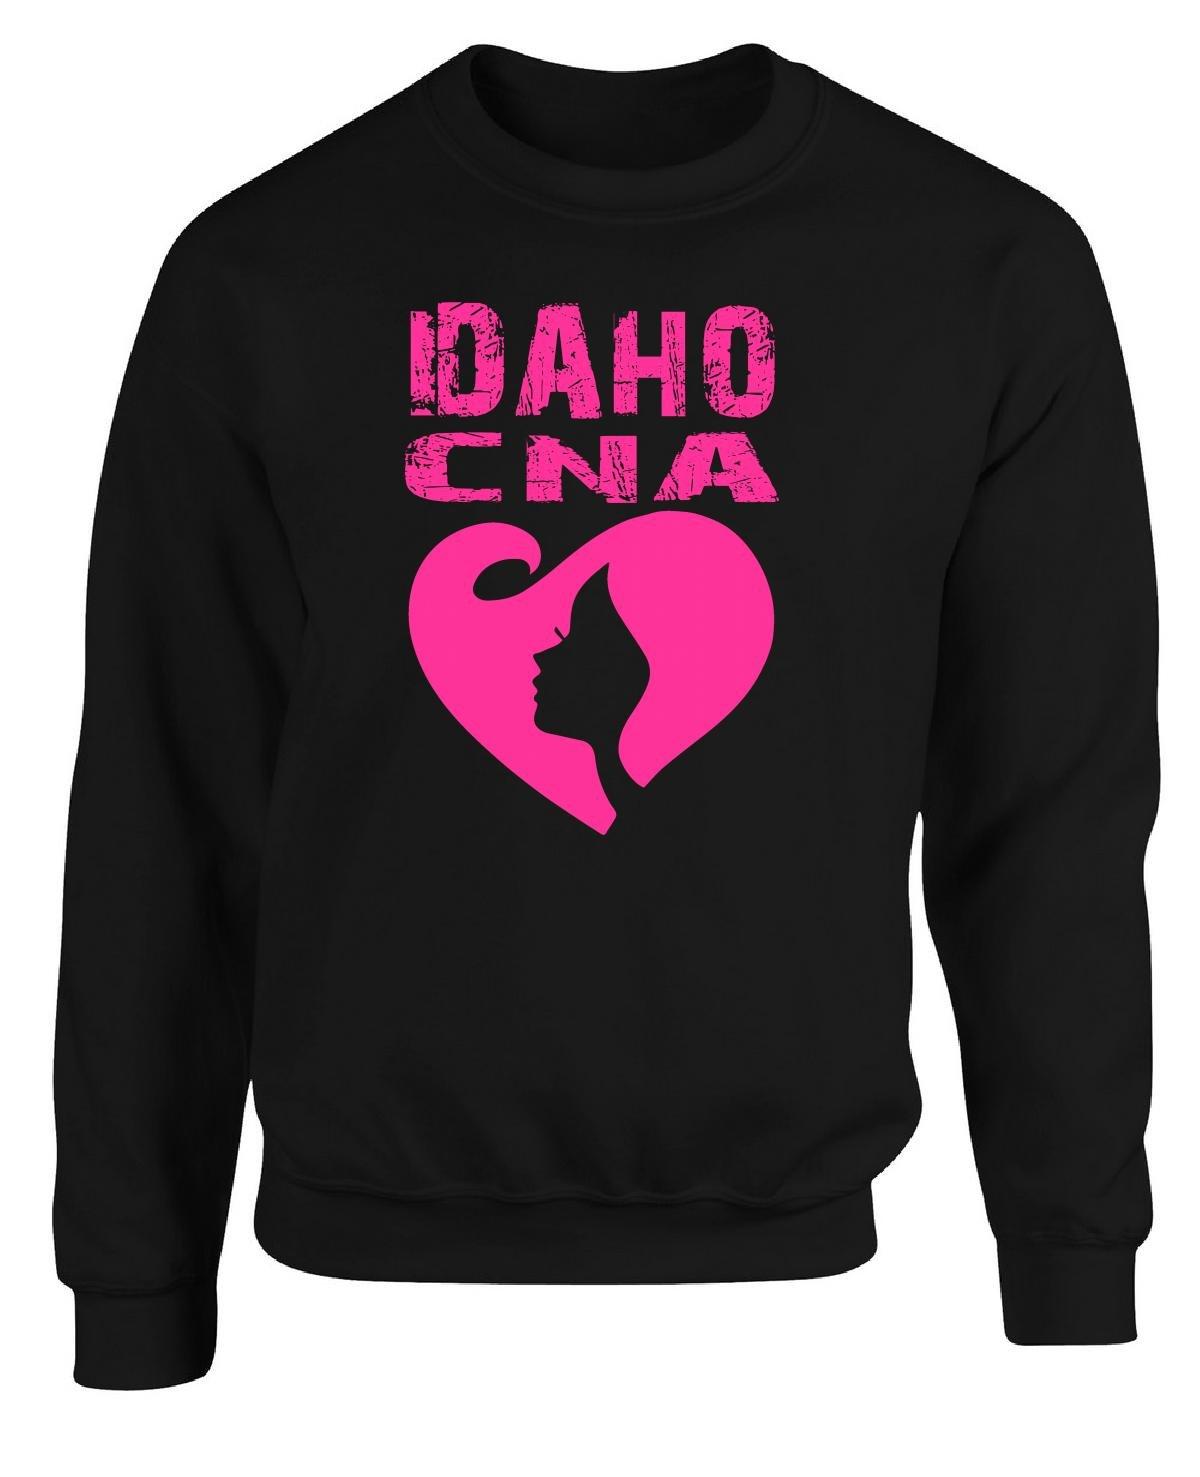 Amazon Idaho Cna Certified Nurse Assistant Cna Proud Love